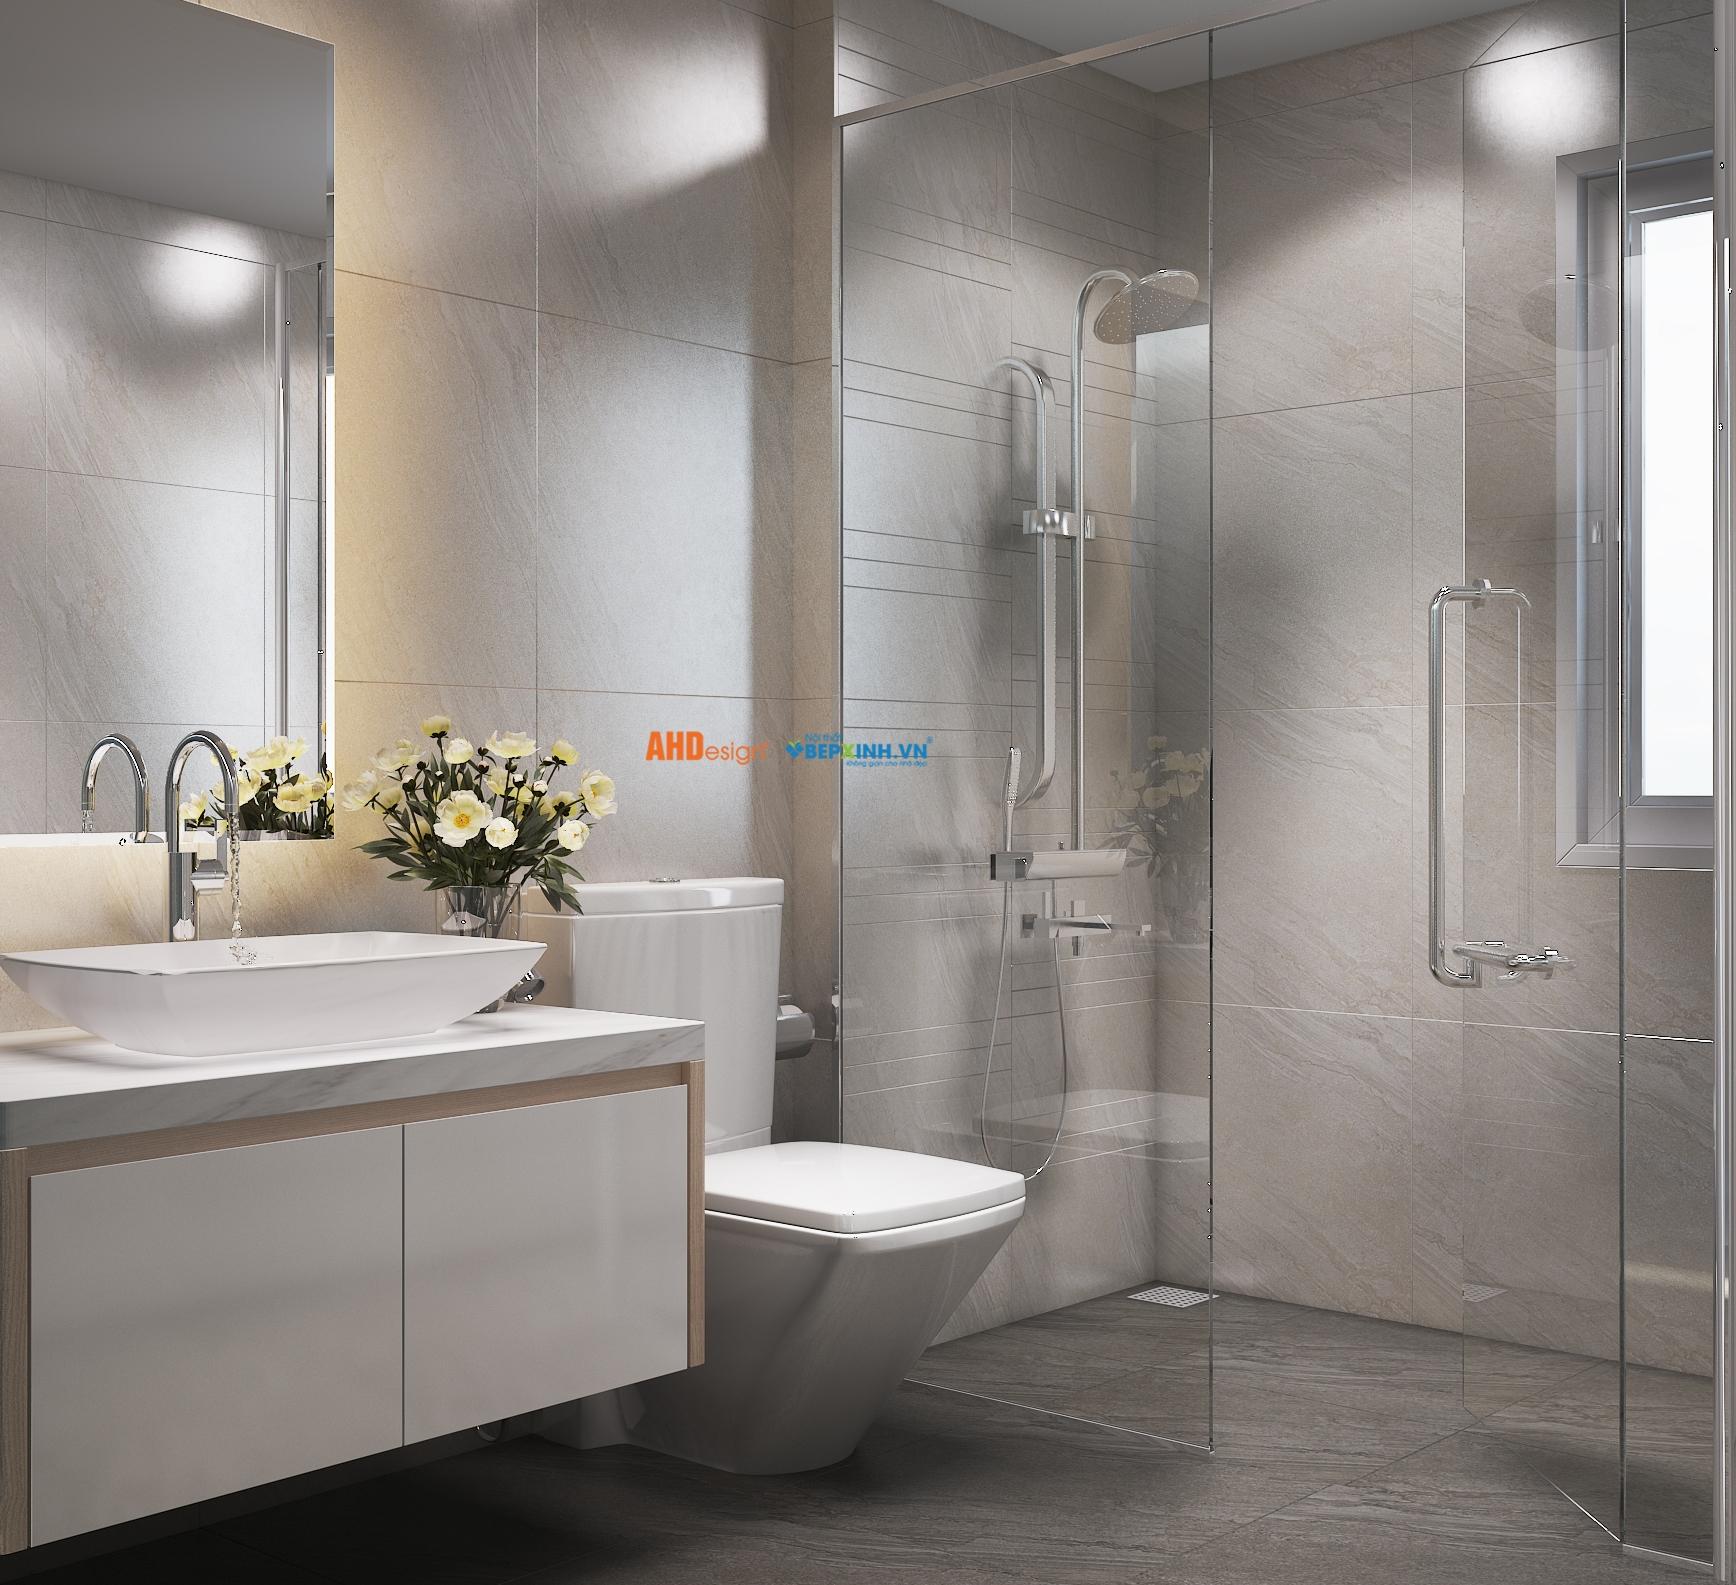 wc-bedroom-2